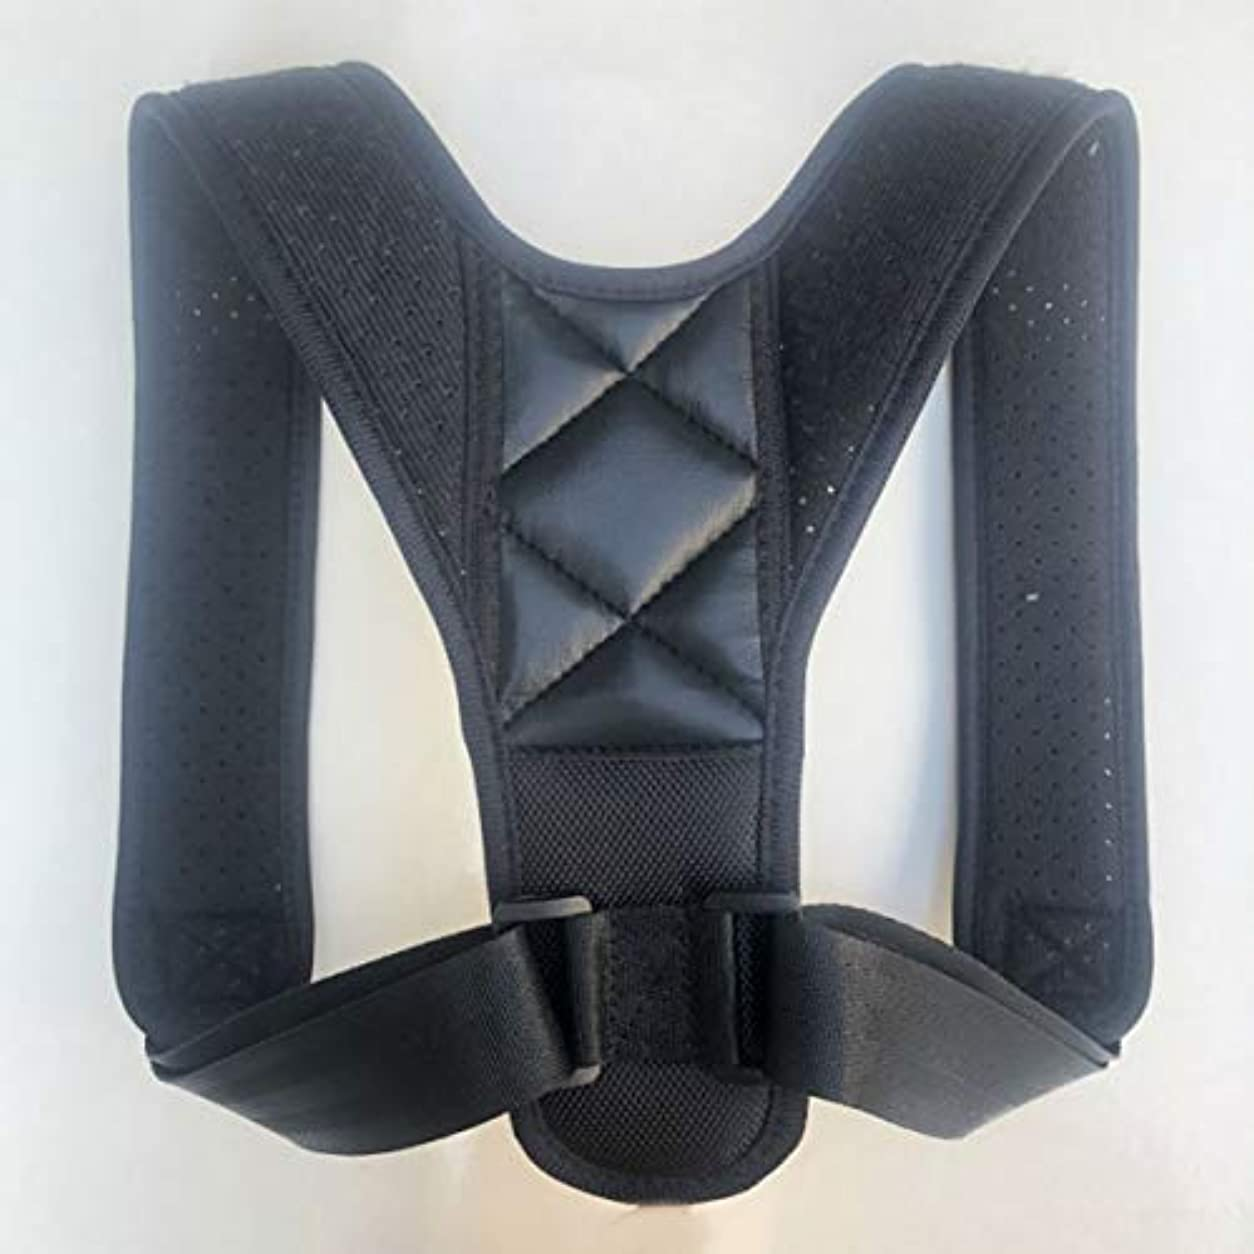 快適不良高いアッパーバックポスチャーコレクター姿勢鎖骨サポートコレクターバックストレートショルダーブレースストラップコレクター - ブラック